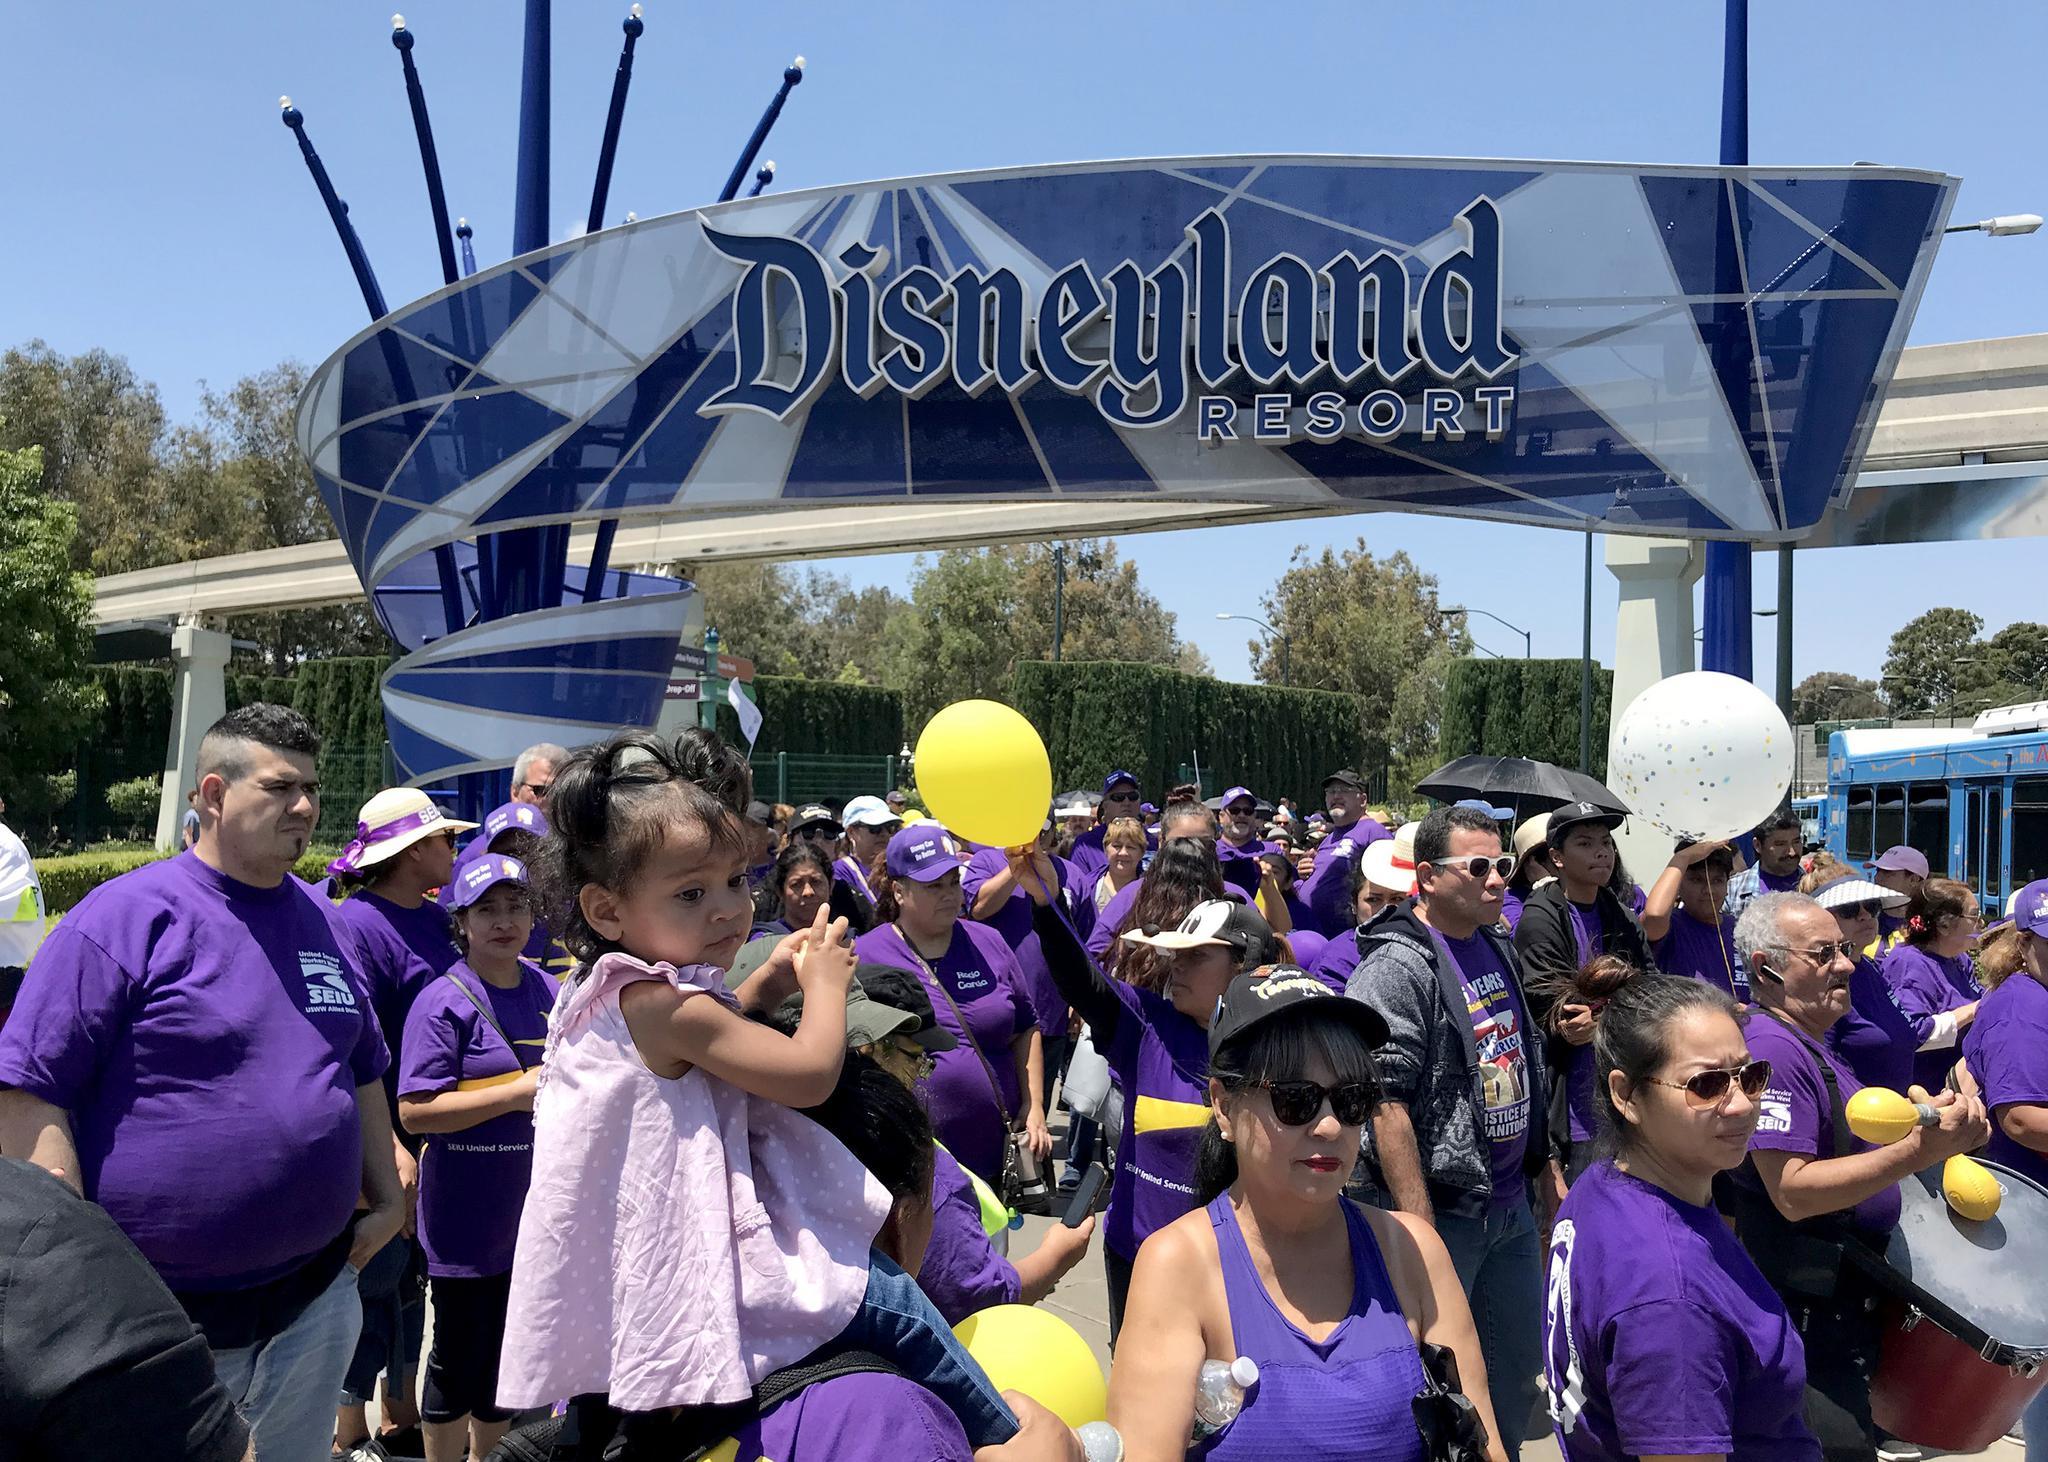 El Concejo Municipal de Anaheim votó para poner fin a los acuerdos que ofrecen exenciones fiscales de Disneyland Resort para invertir en sus parques temáticos. Foto: Scribd.